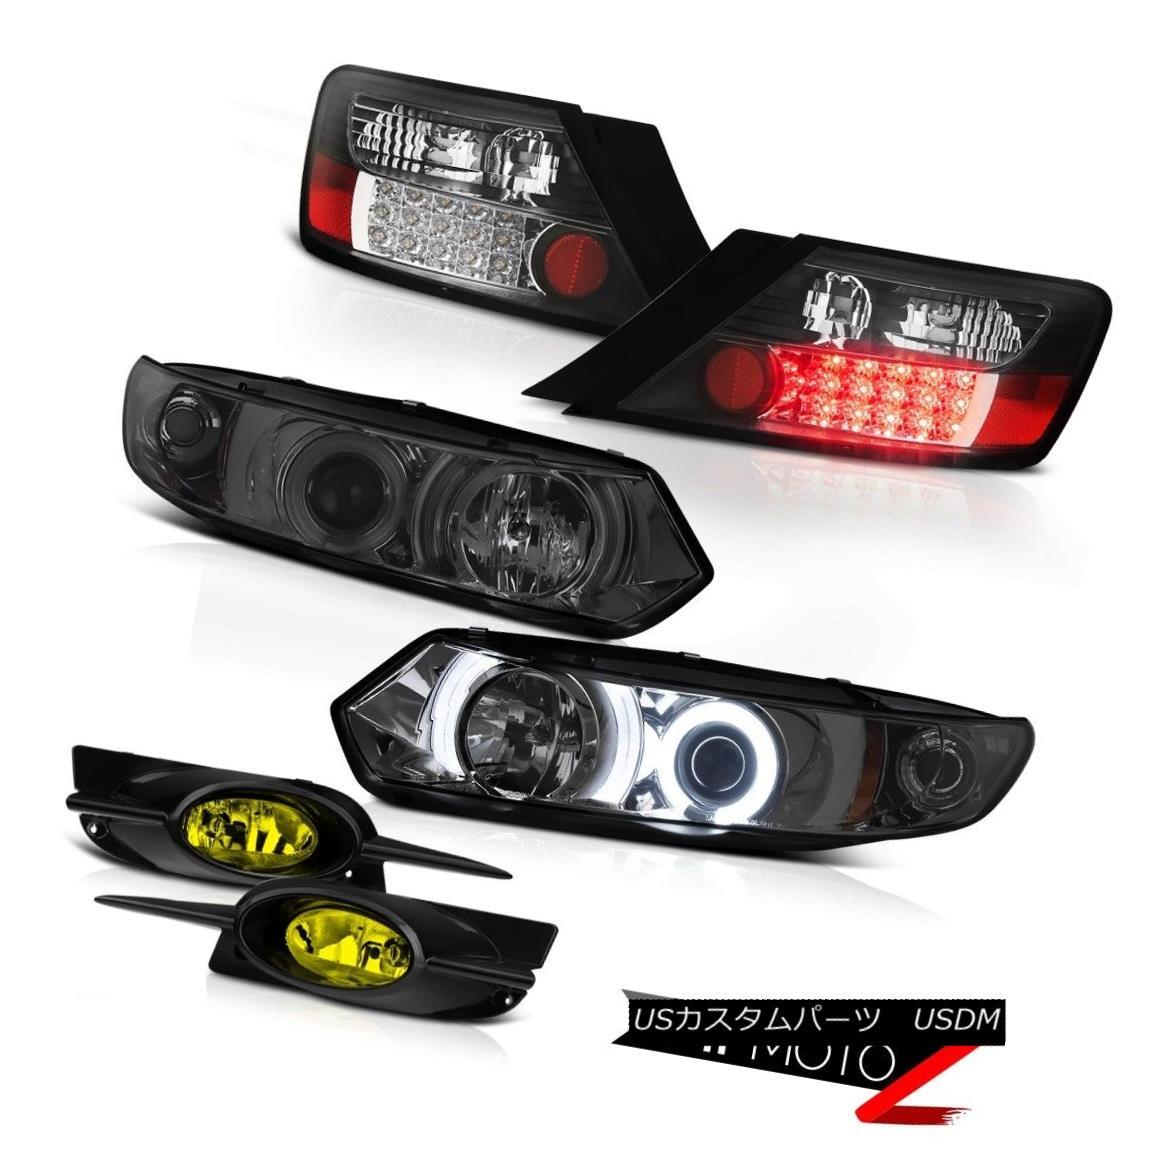 テールライト 09-11 Civic 2D EX Projector Halo DRL Headlights BLACK LED Tail Light Driving Fog 09-11 Civic 2D EXプロジェクターHalo DRLヘッドライトBLACK LEDテールライトドライビングフォグ